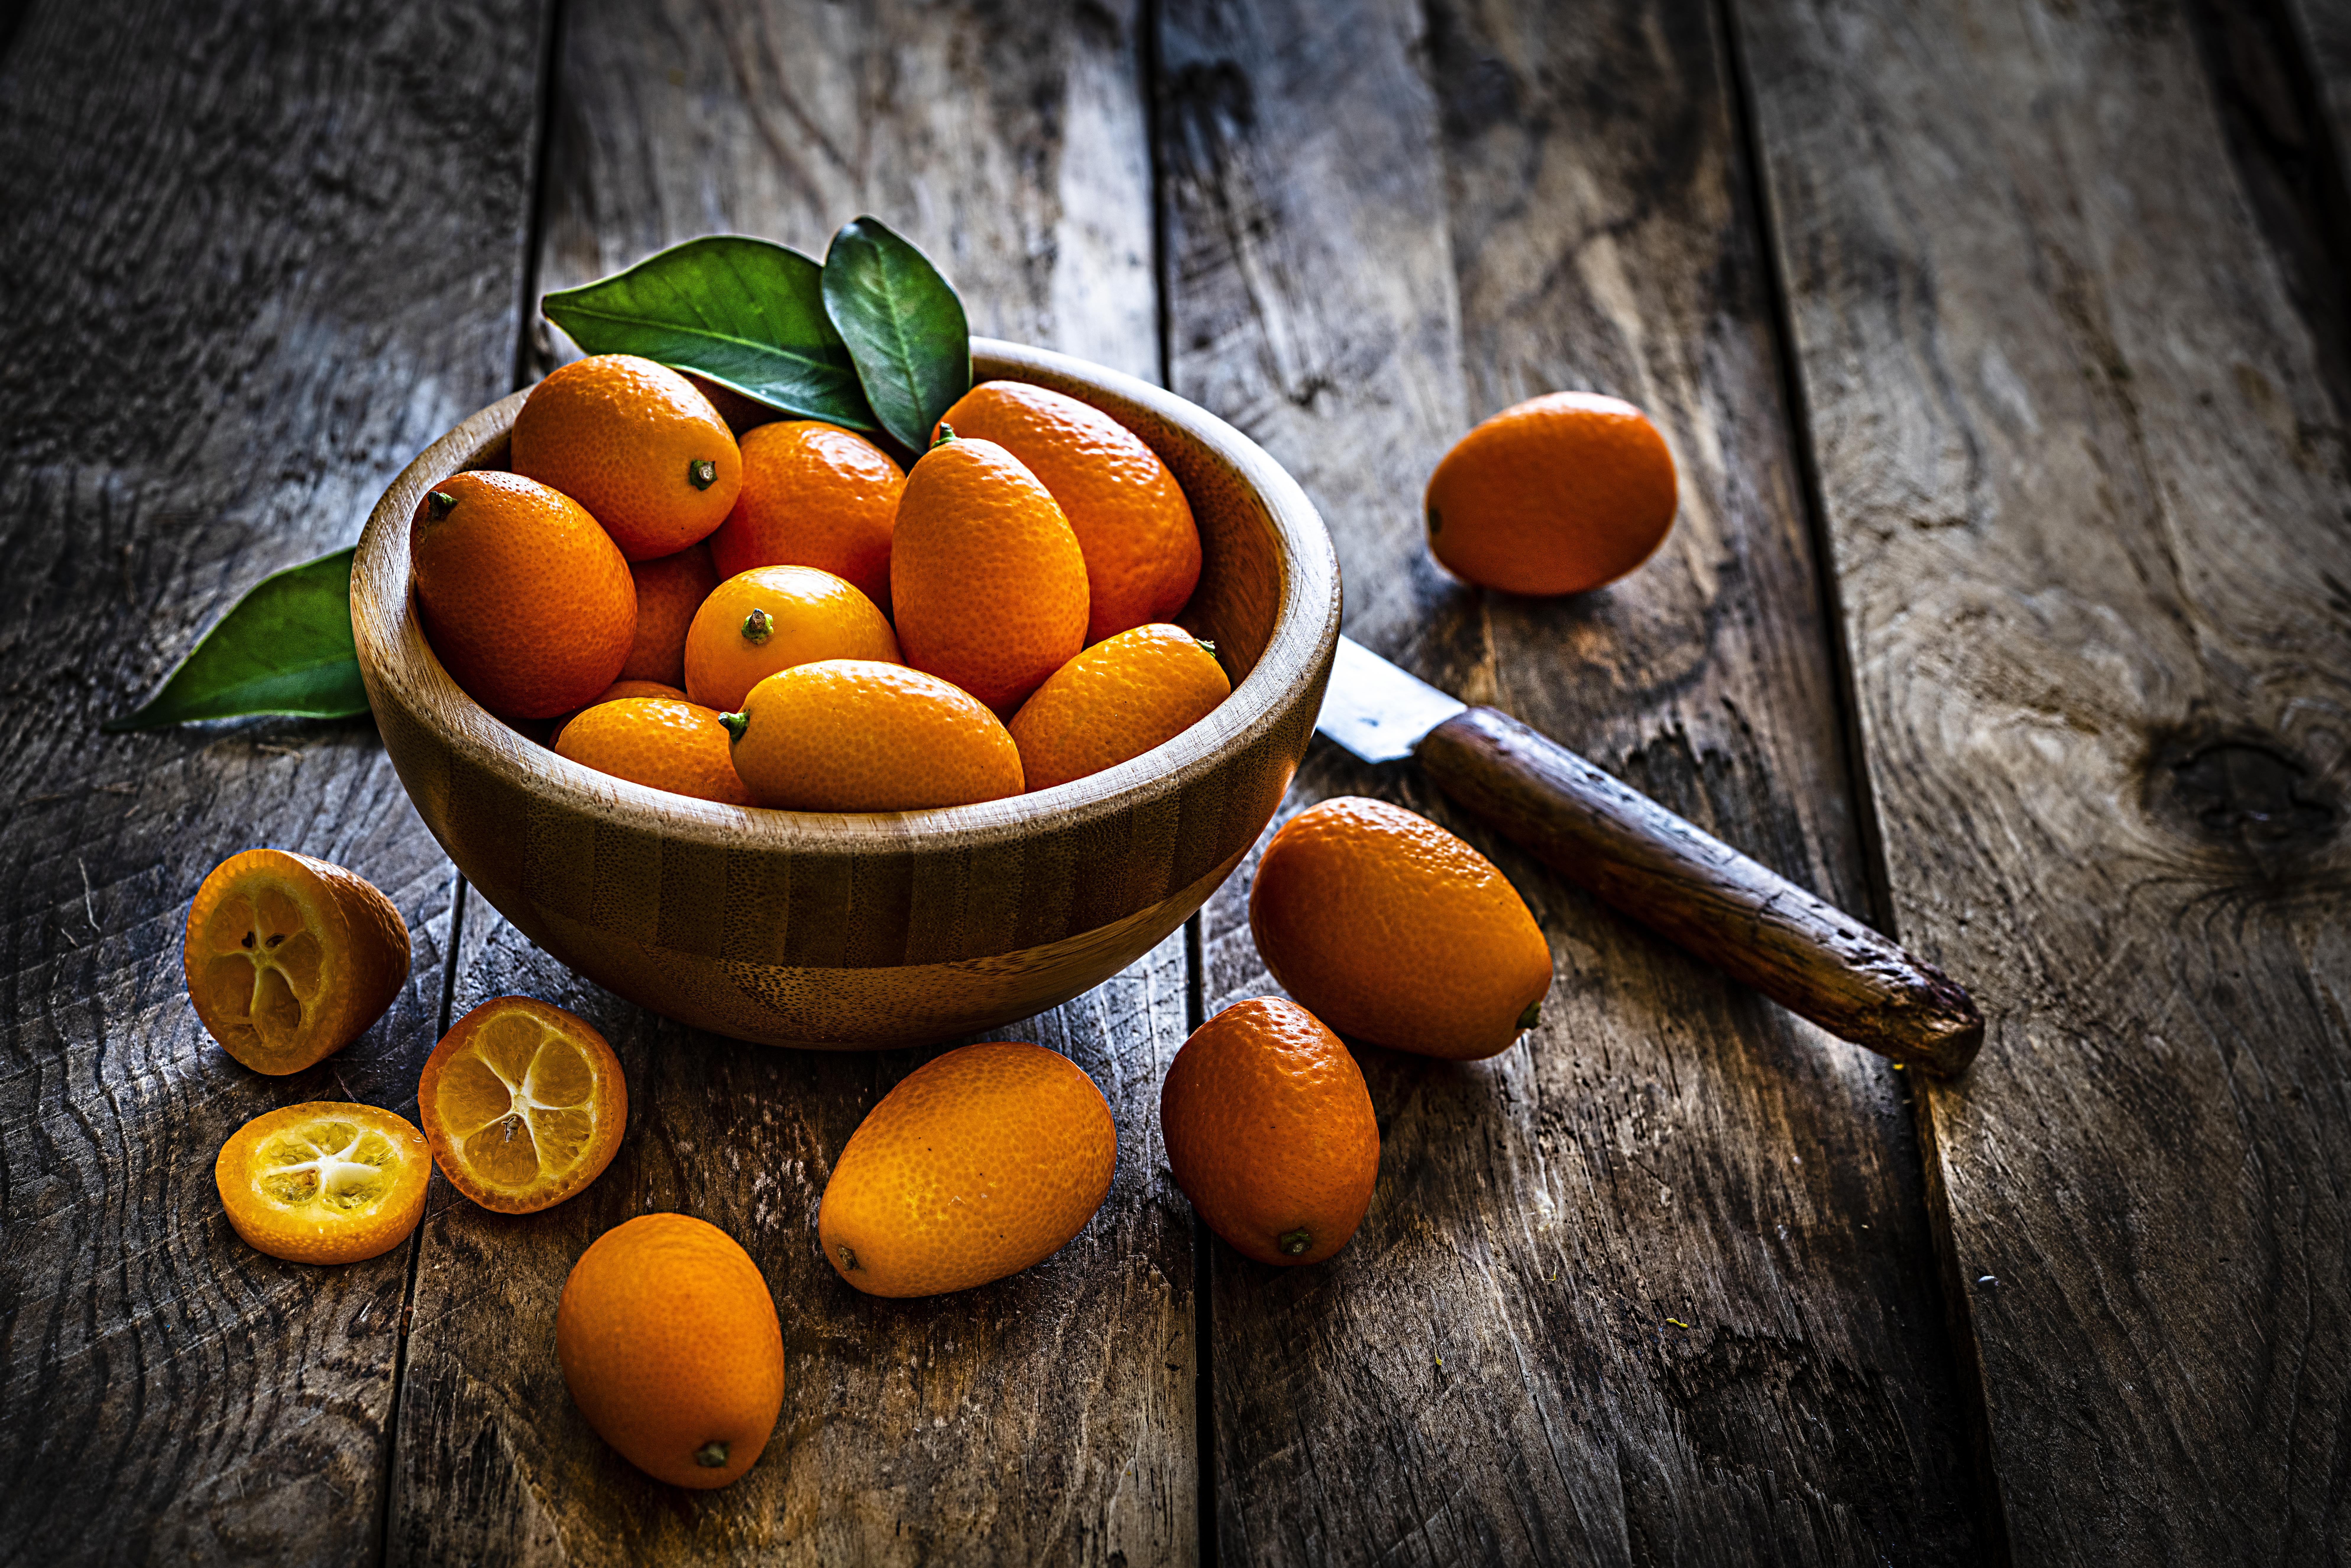 Milyen különleges citrusfélét látsz a képen?